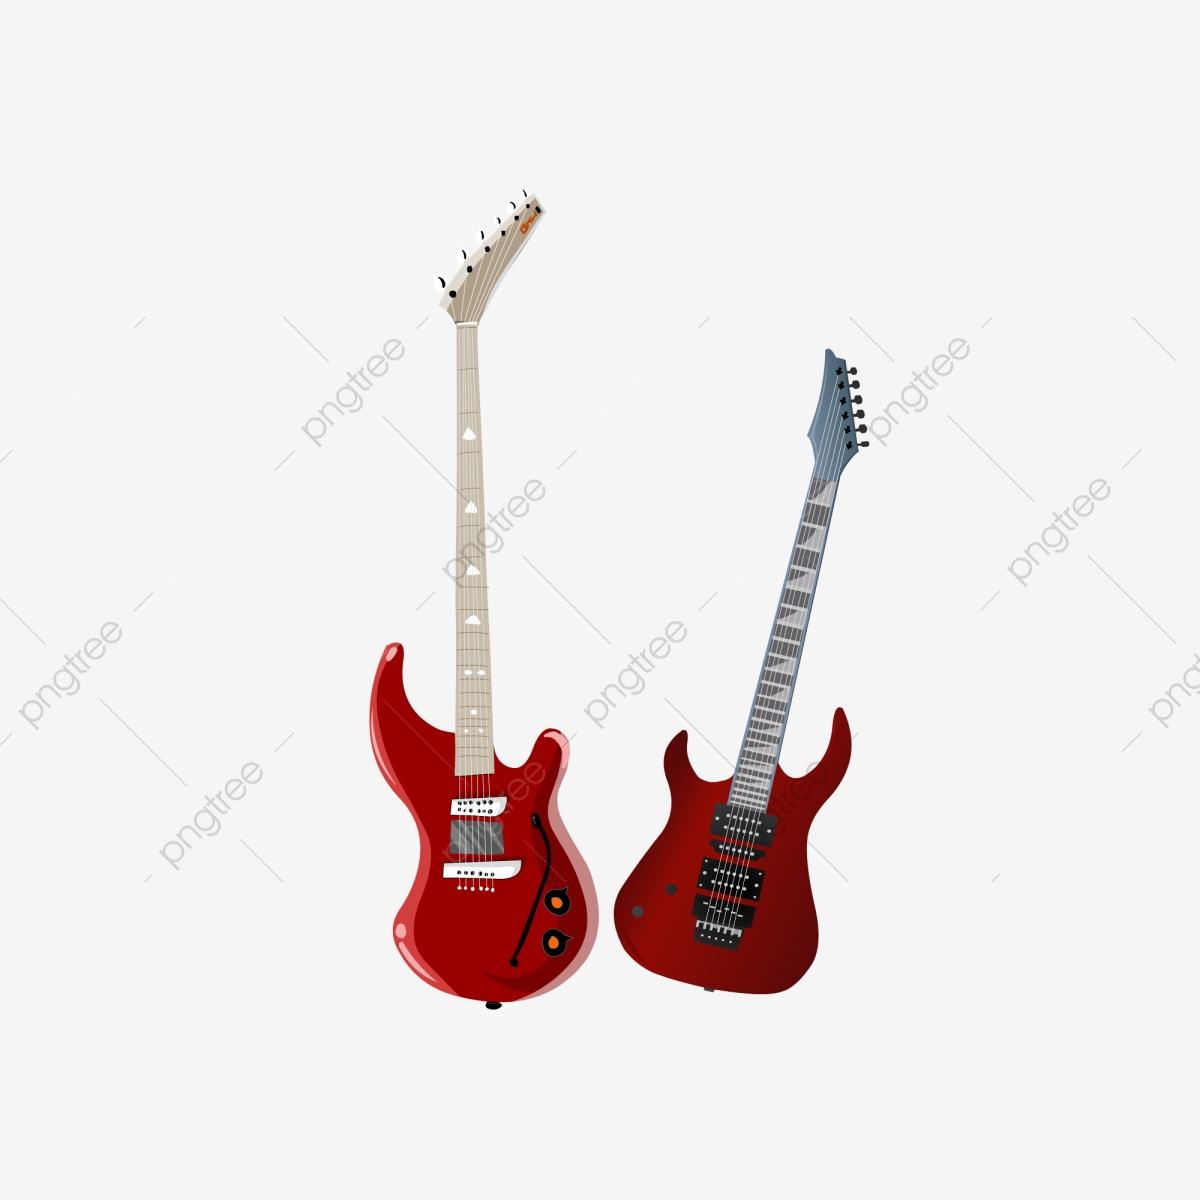 Bass Gitarre E-Gitarre Clip art - Daniela Cliparts png herunterladen -  900*858 - Kostenlos transparent Akustik Elektro Gitarre png Herunterladen.